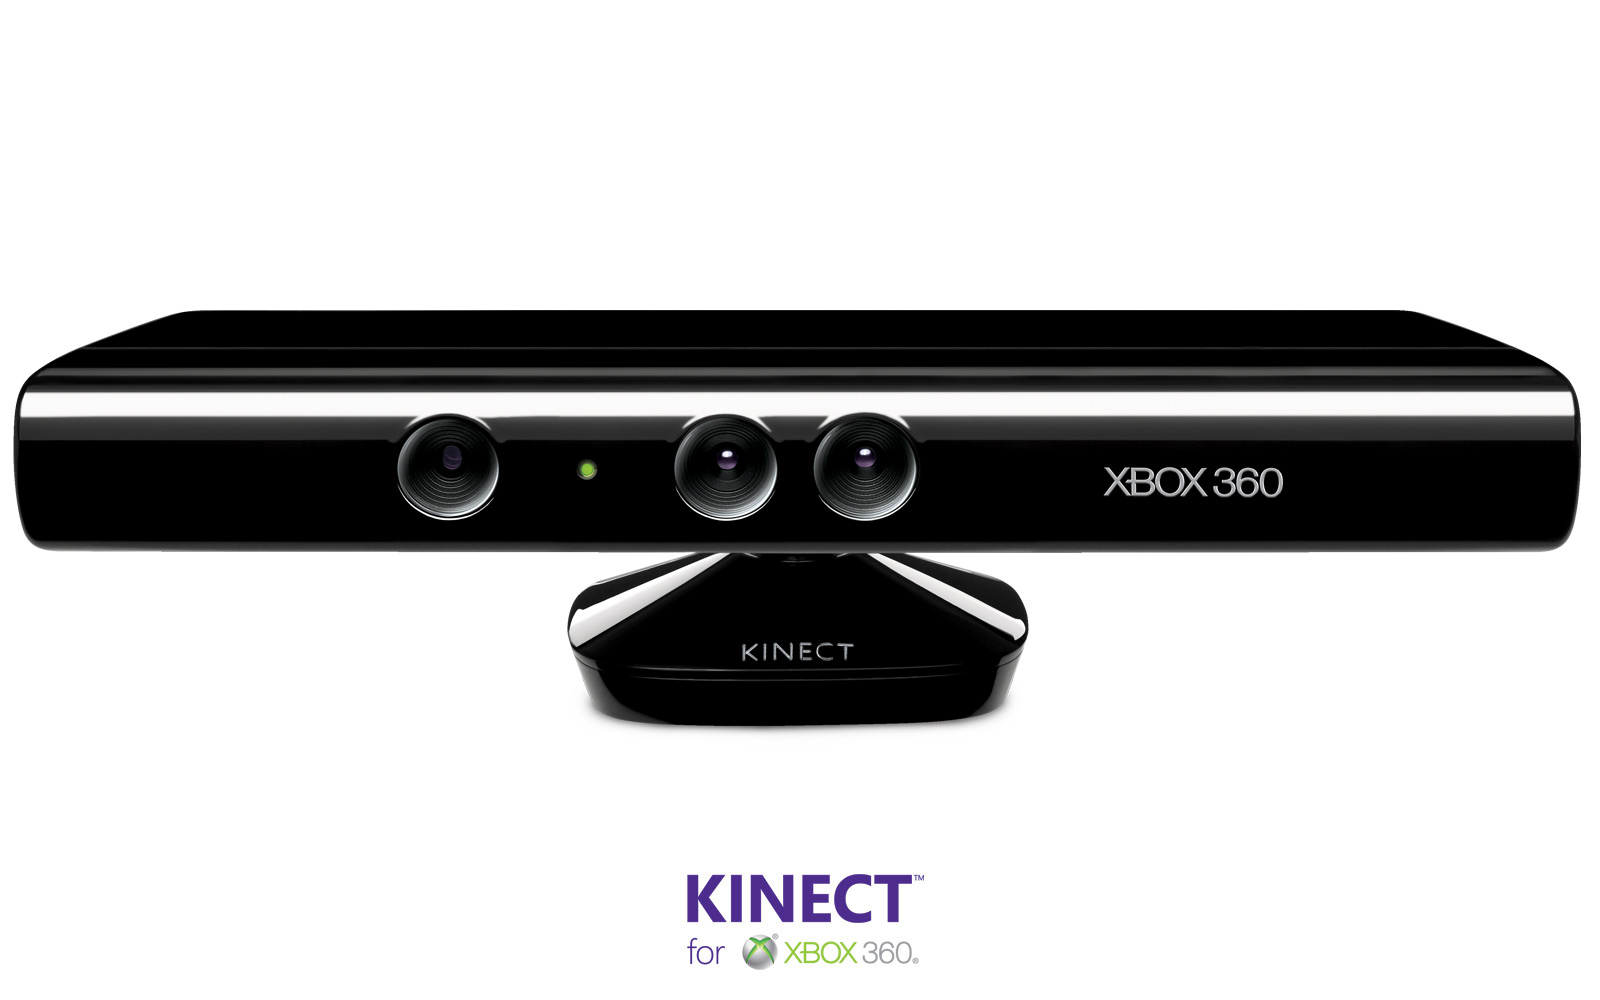 Kinect está re bueno… pero cuidado al jugar en multiplayer! [Video]